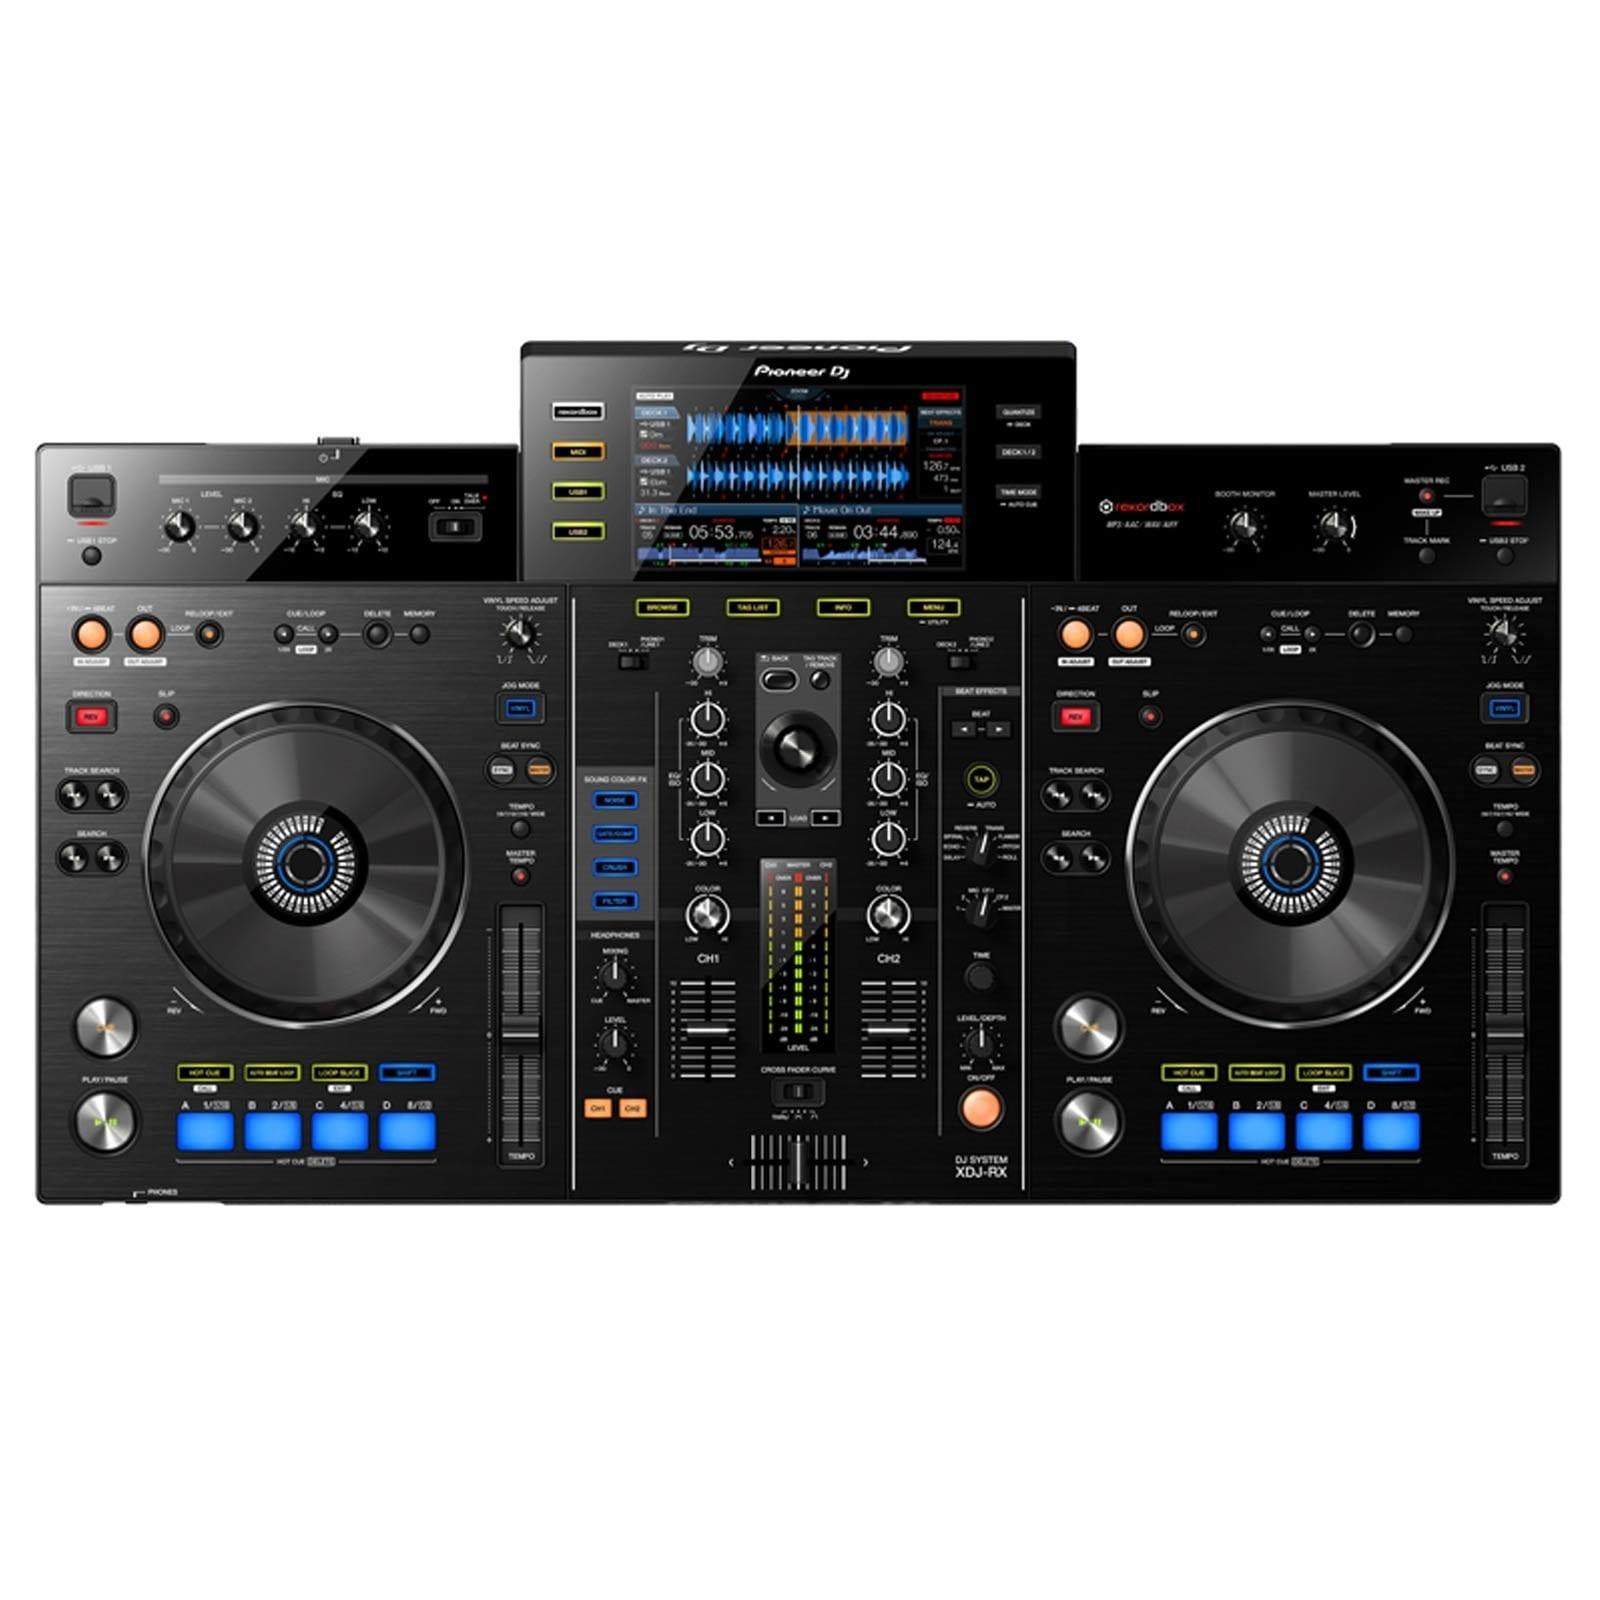 pioneer-dj-xdj-rx-rekordbox-dj-system-787